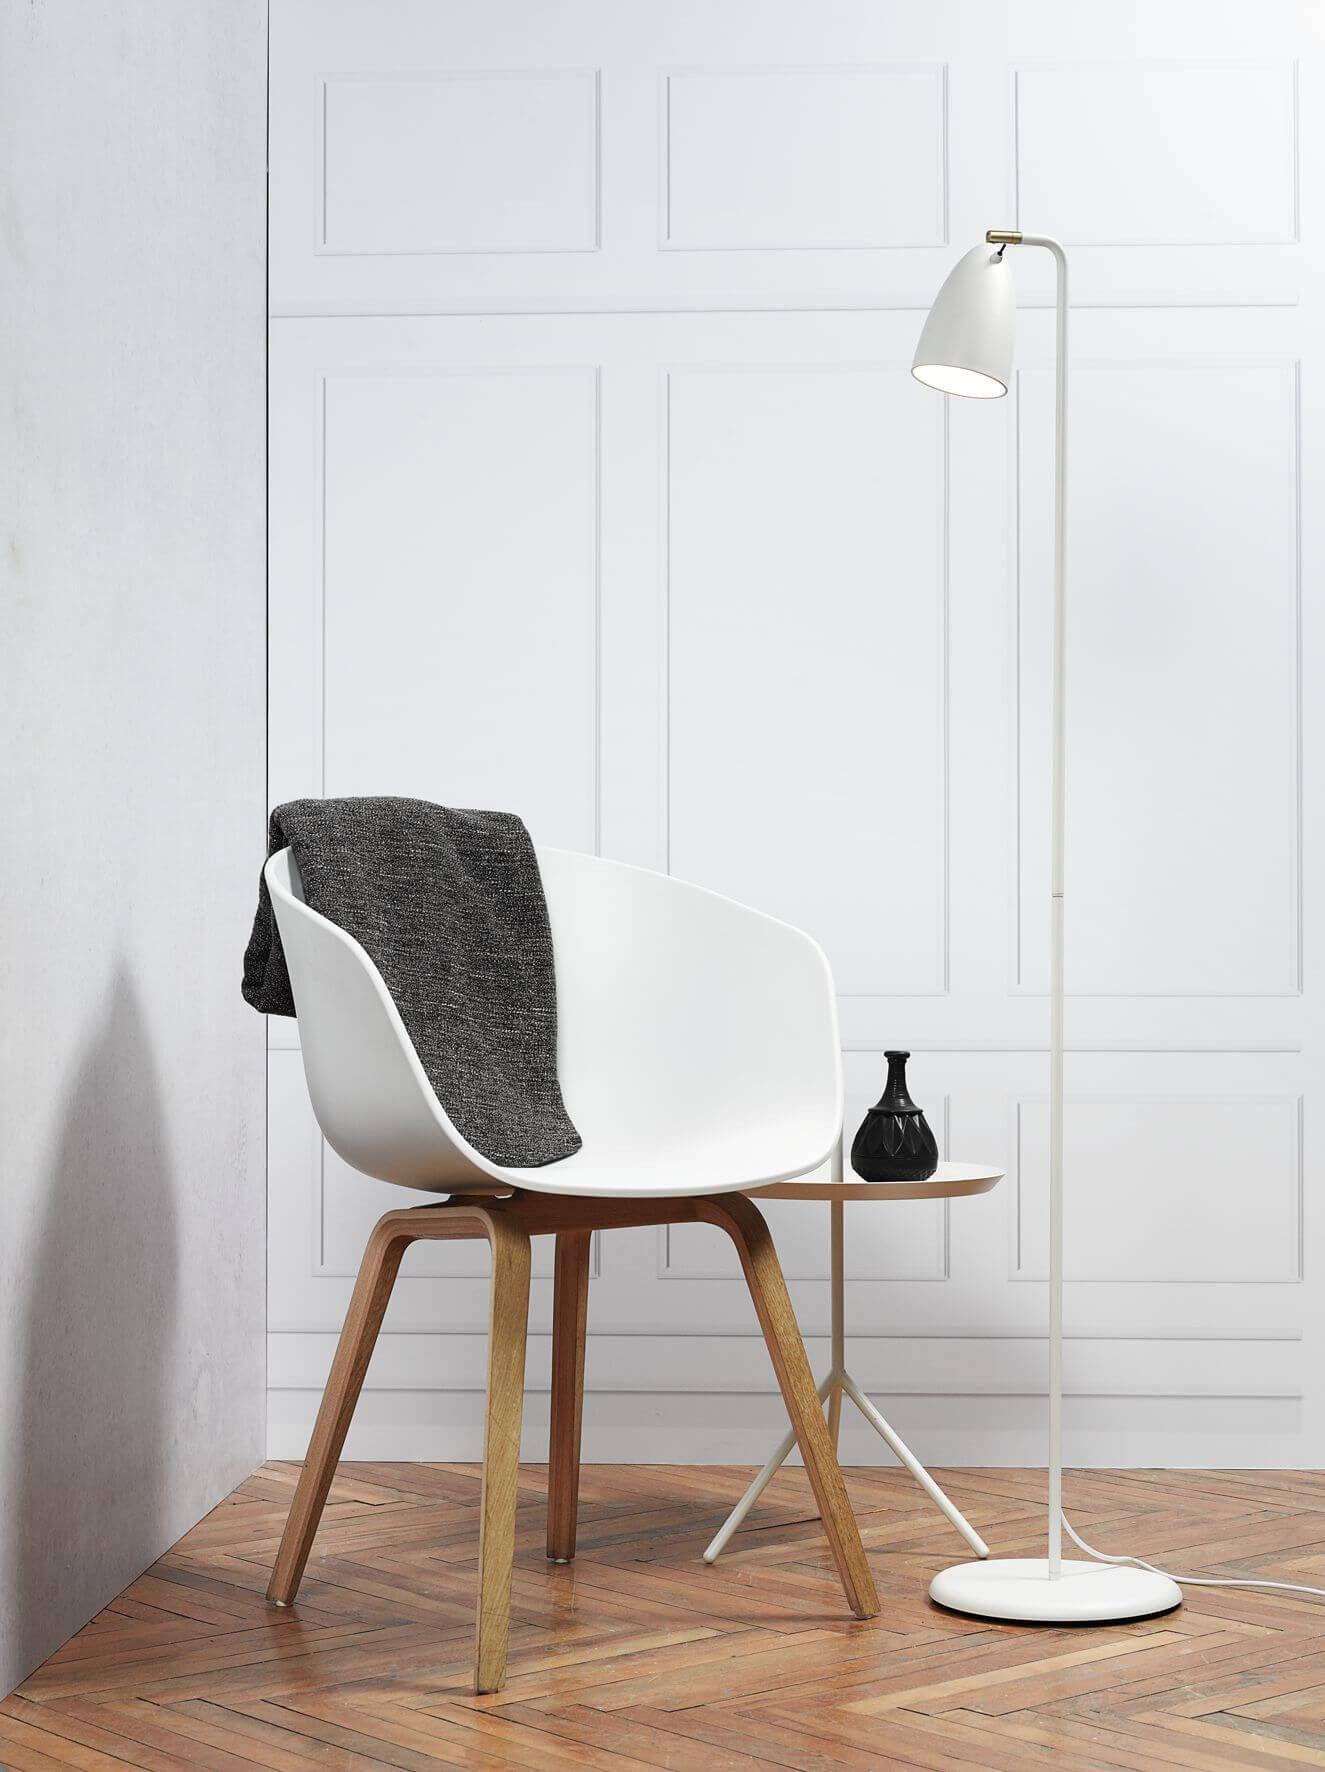 Stehlampe NEXUS 10 weiß | Schlafzimmer @lumizil | Stehlampe, Led ...